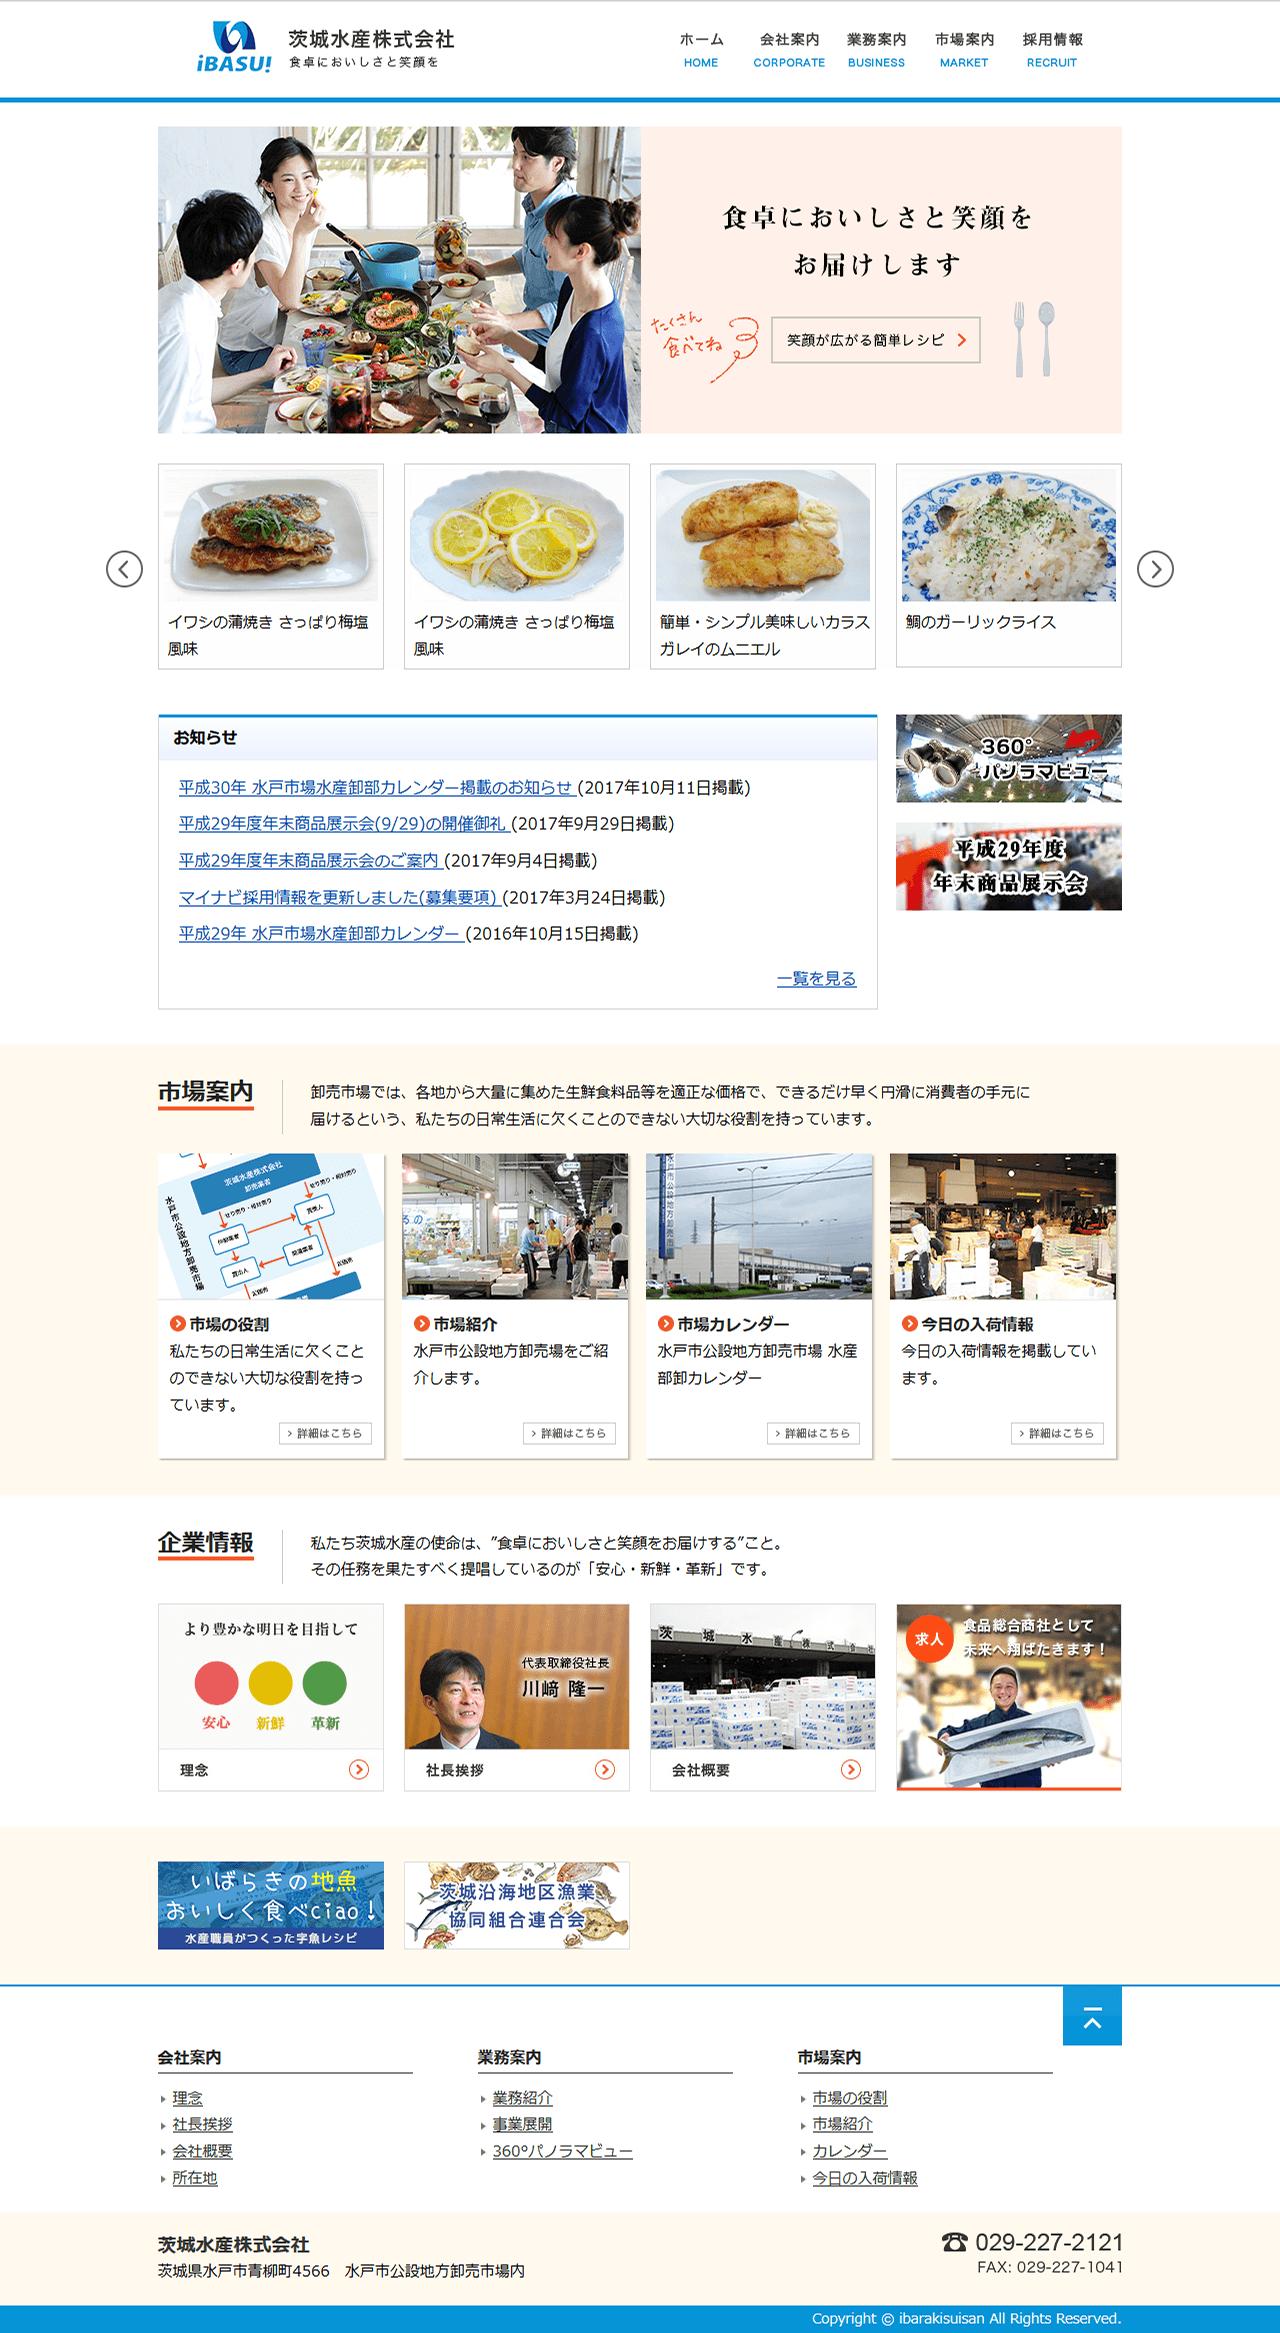 茨城水産株式会社ホームページ